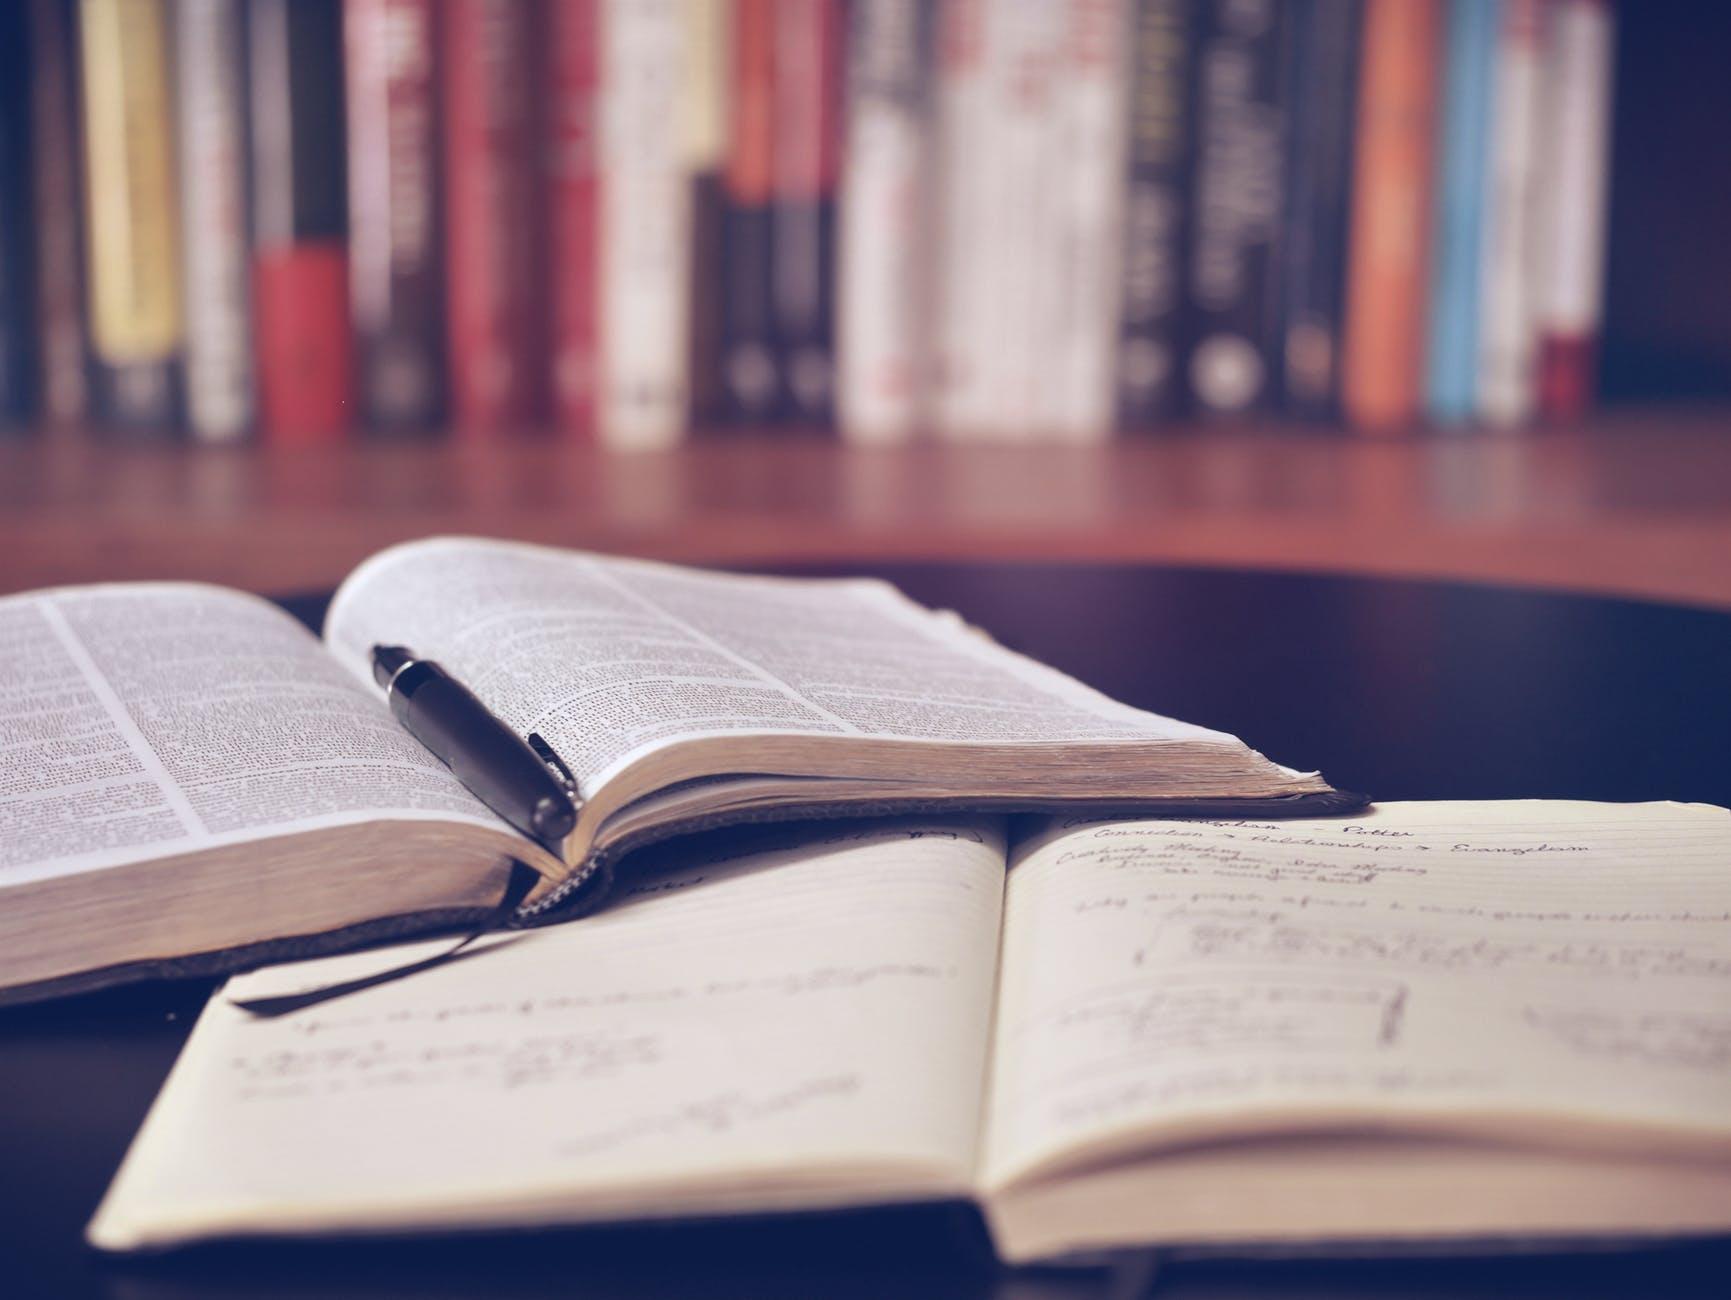 Книги по закупкам: надежная помощь под рукой